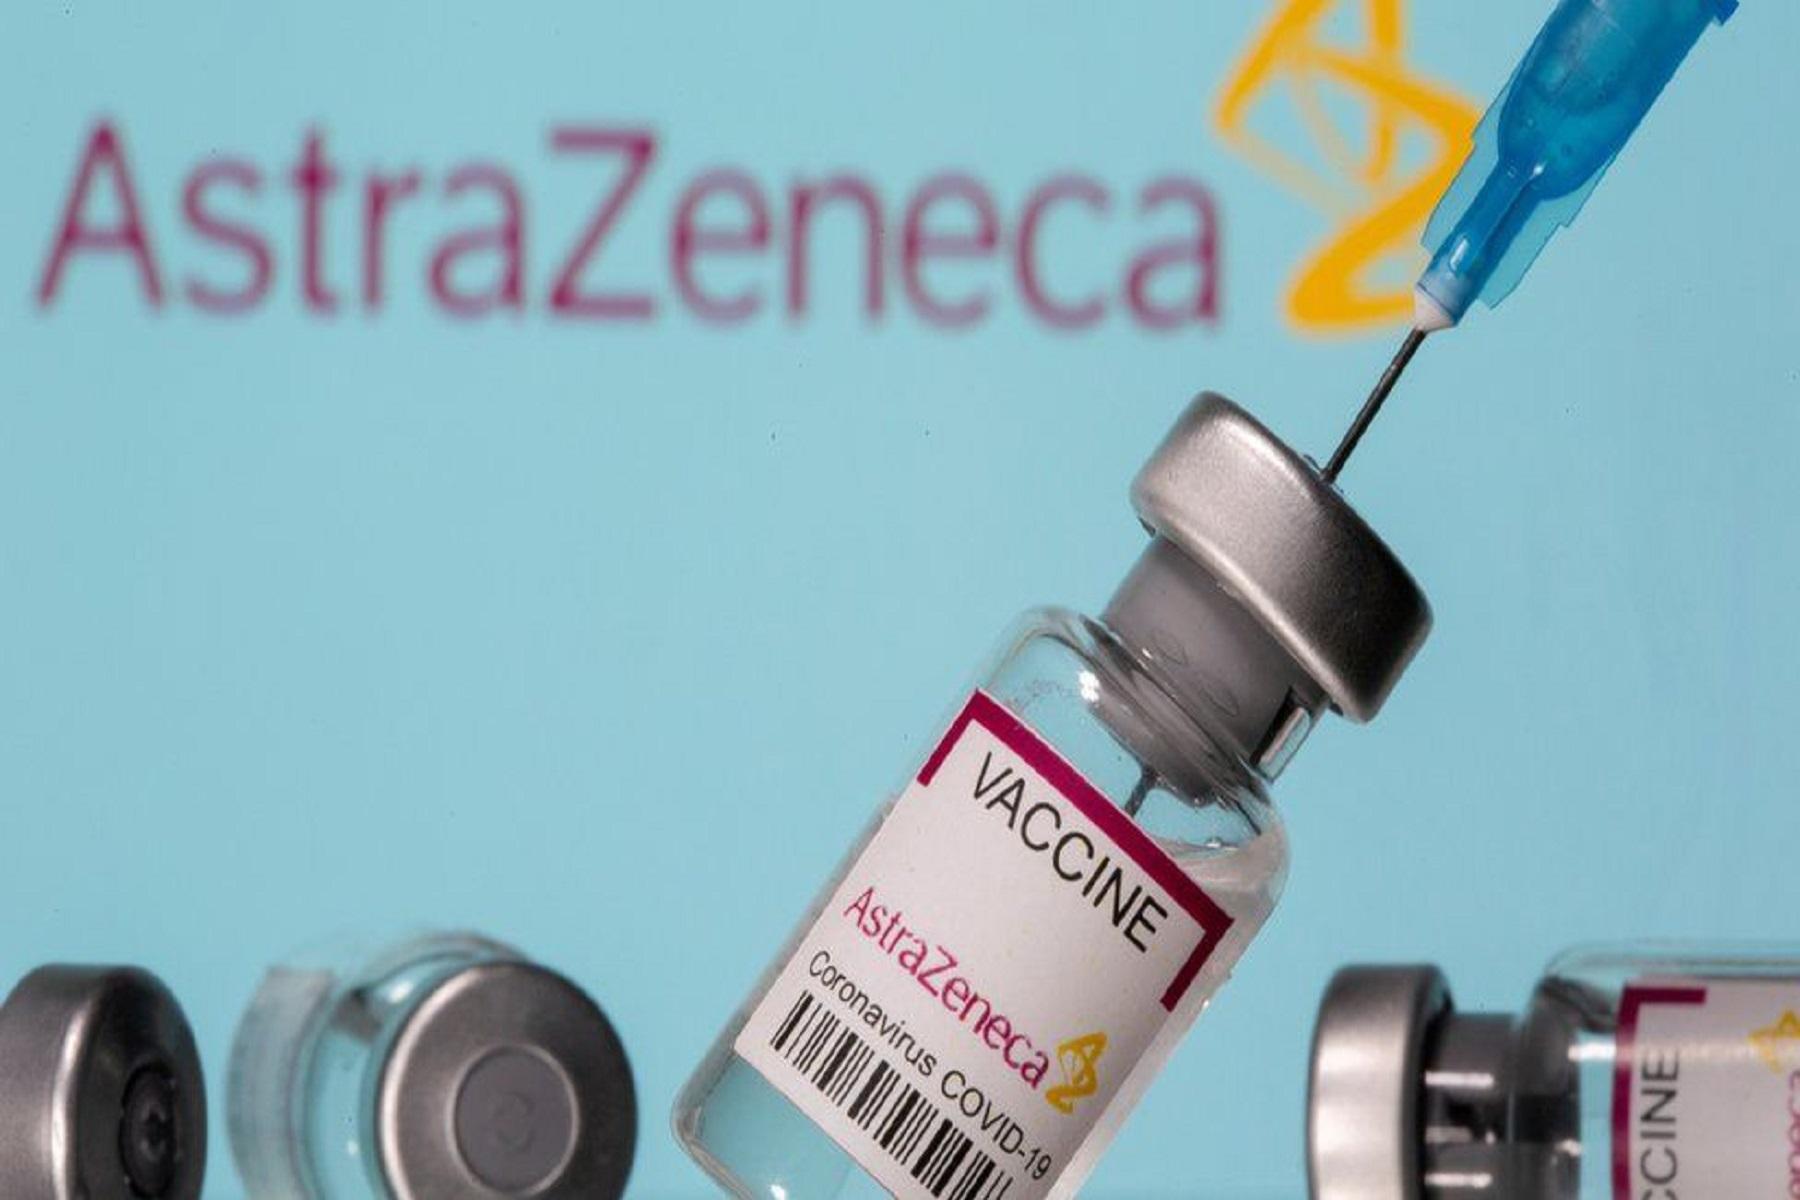 Εθνική Eπιτροπή Εμβολιασμών: Να χορηγείται σε άτομα άνω των 30 ετών το εμβόλιο της AstraZeneca